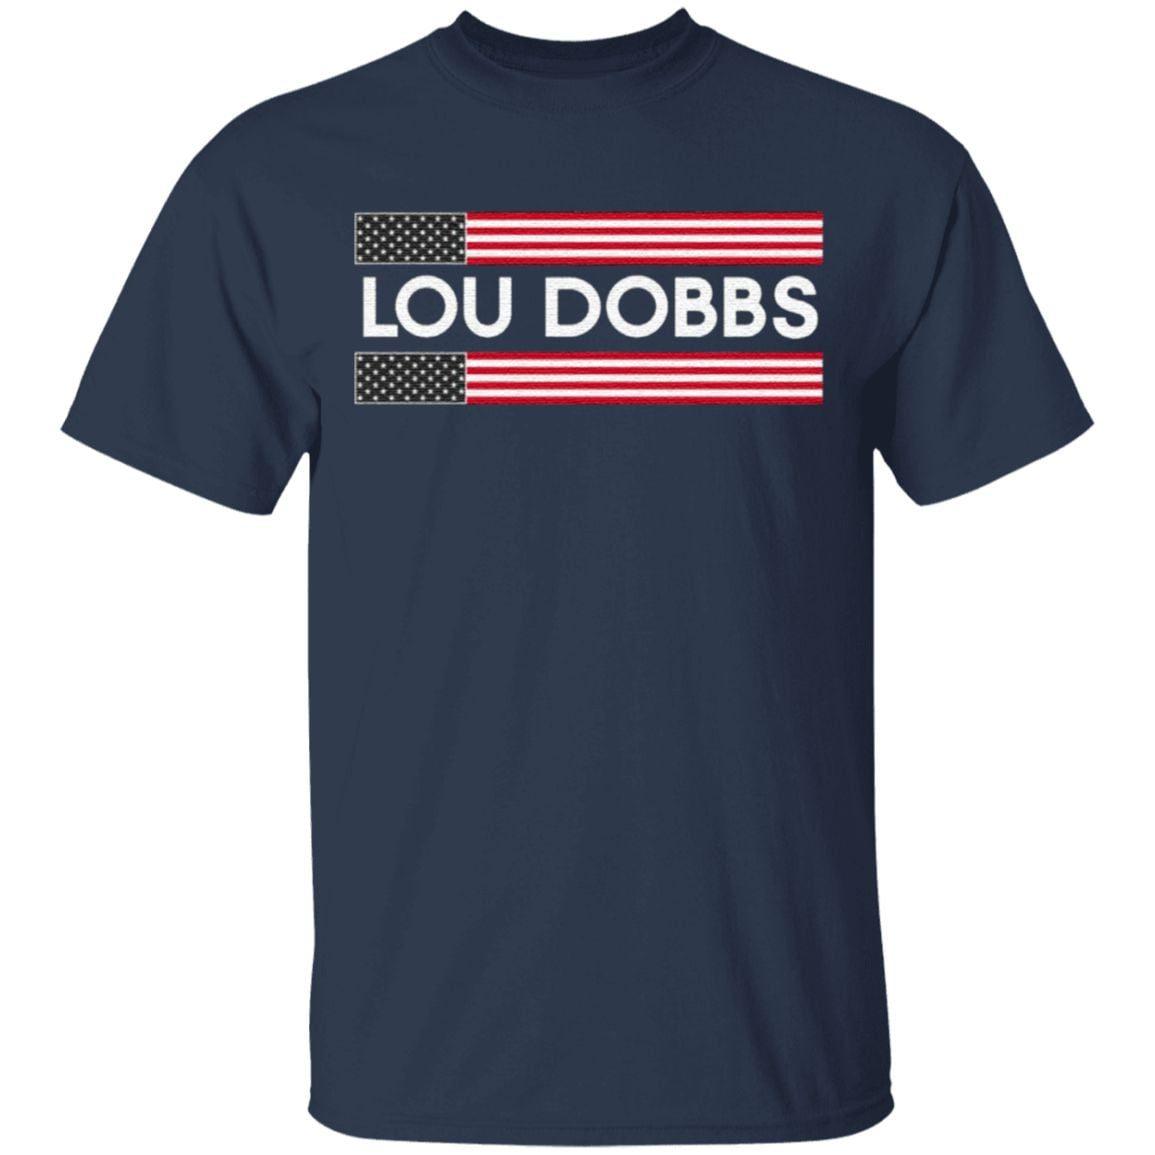 Lou Dobbs TShirt